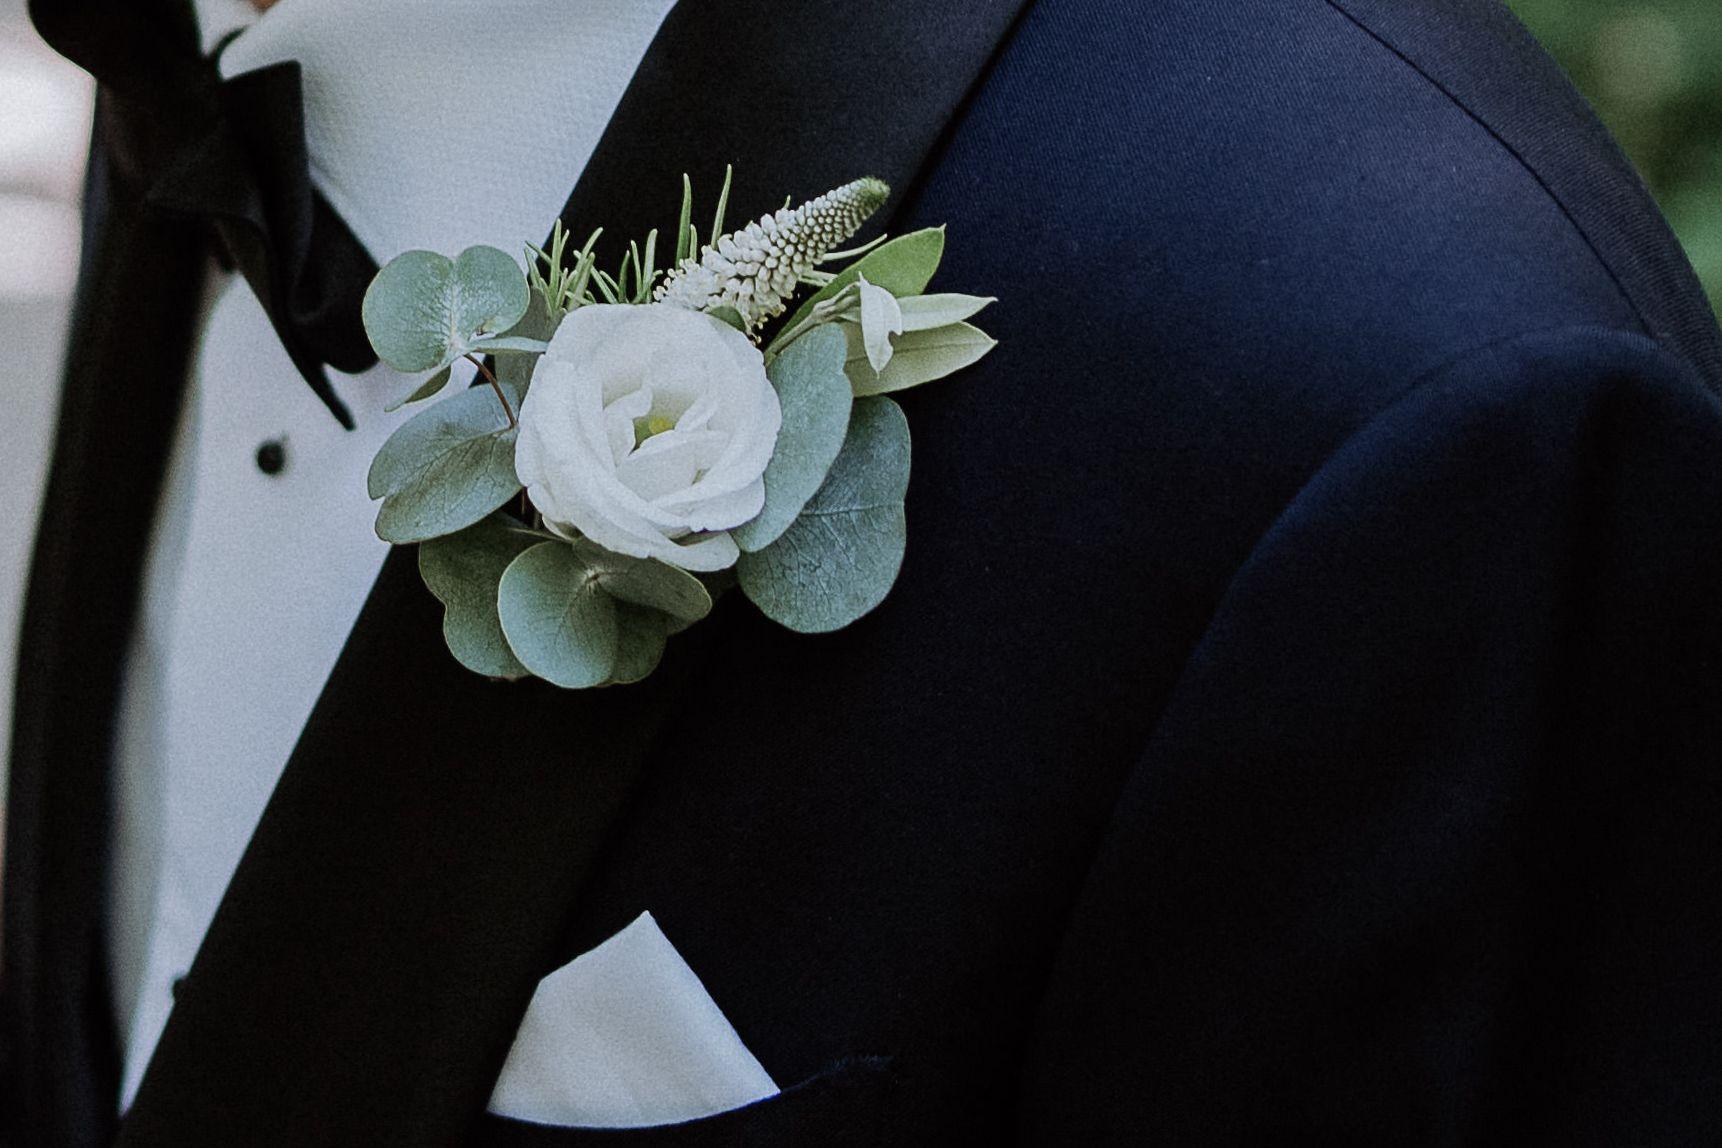 Blumenanstecker Weiss Brautigam Anstecker Hochzeit Blumenstrauss Hochzeit Hochzeit Brautigam